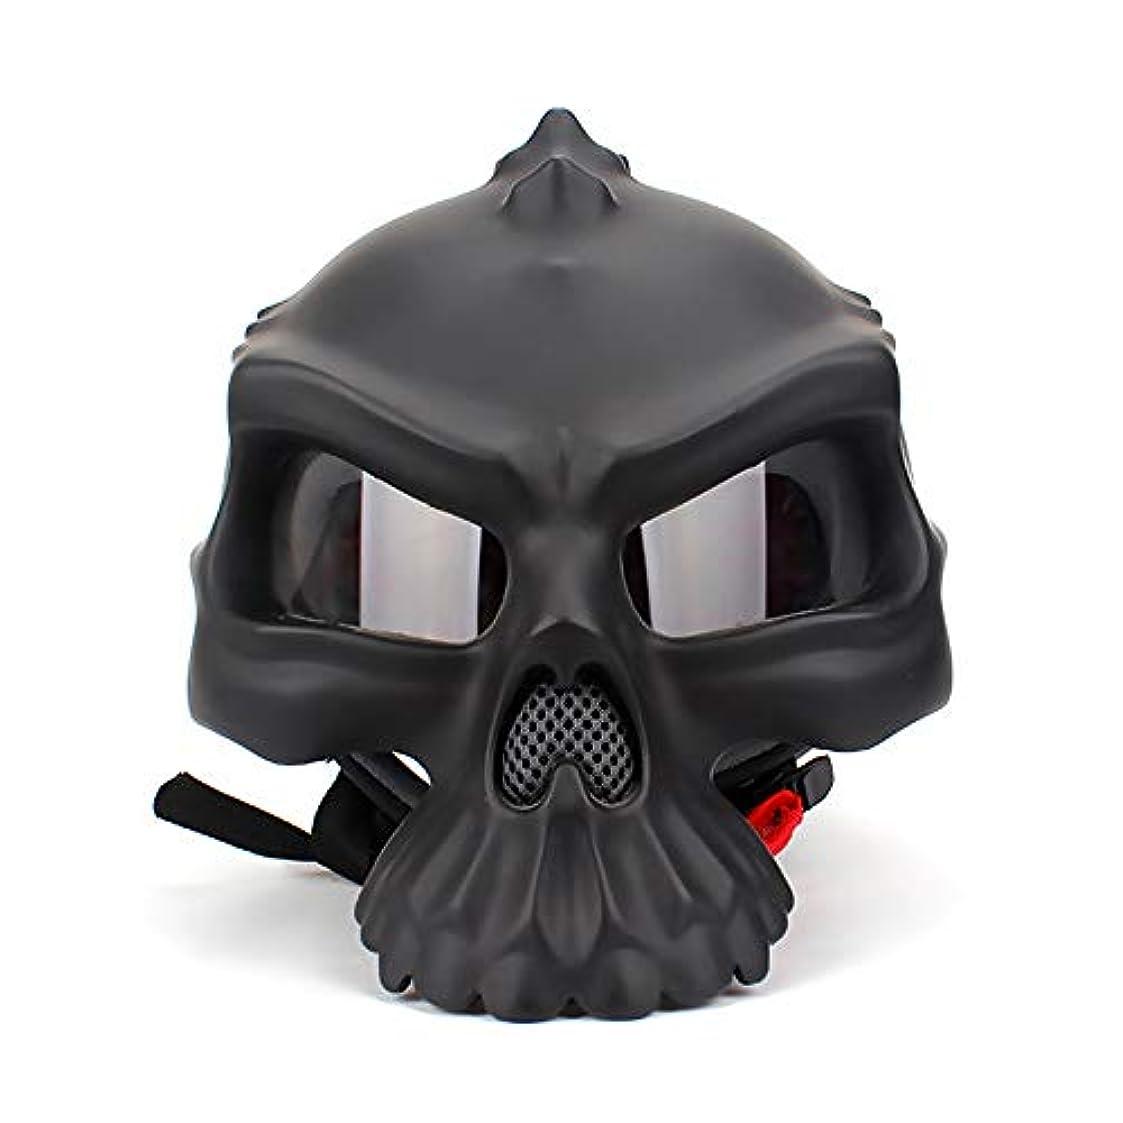 最大限論争銀行QRY ソリッドカラーのオートバイの頭蓋骨のヘルメットアウトドアライディングハーフヘルメットハーレーの両面ヘルメットを着用することができます(高精細レンズ付き) 幸せな生活 (色 : Black)